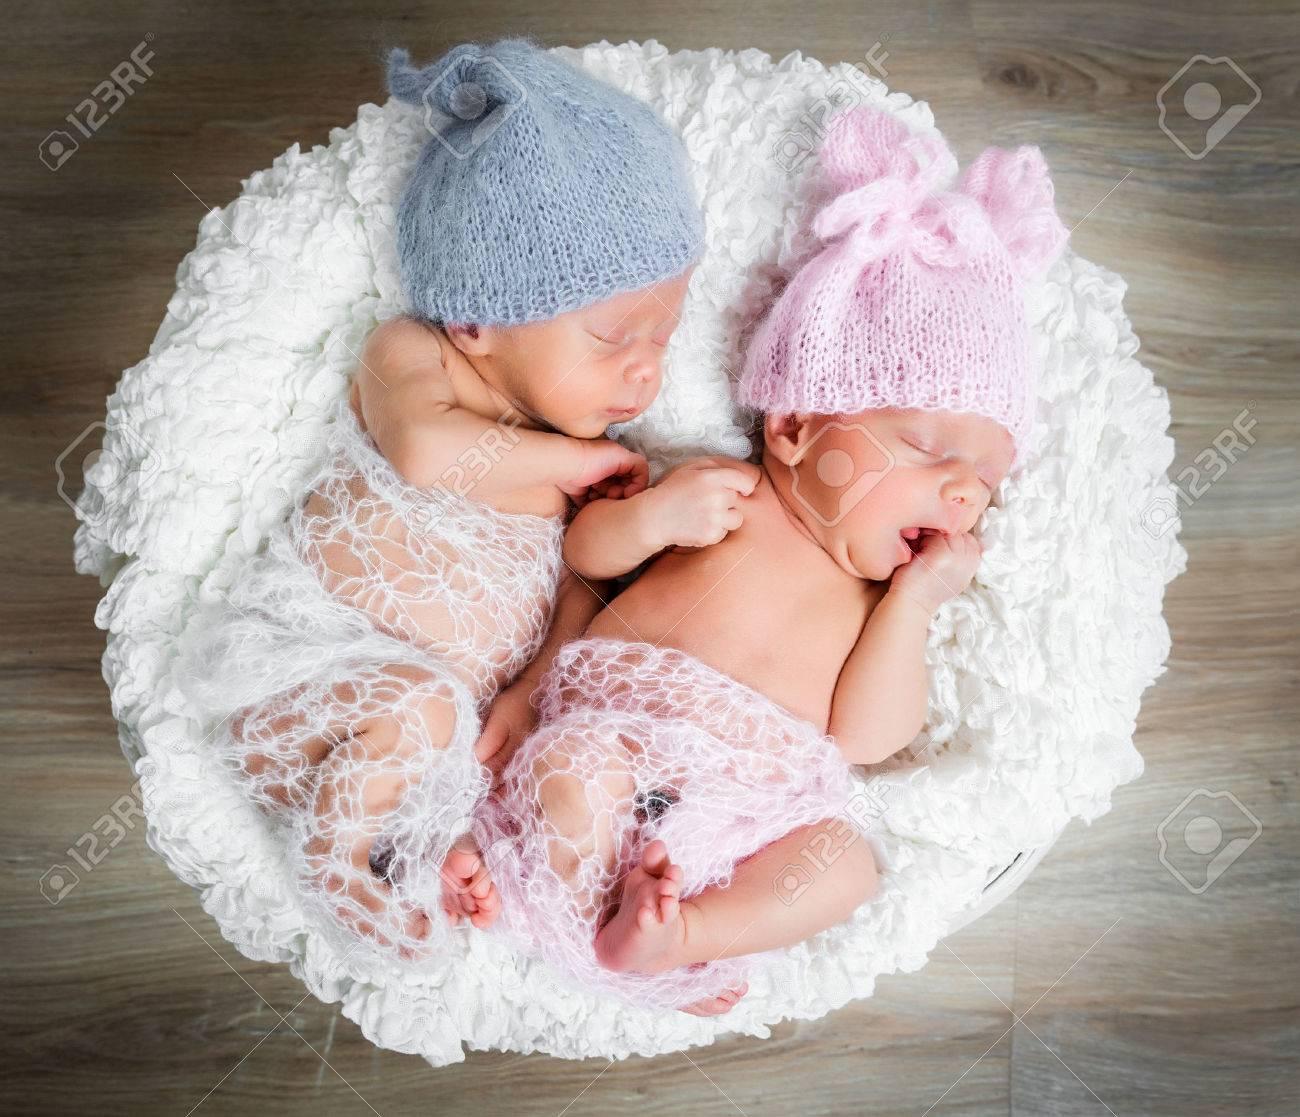 newborn twins - a boy and a girl sleeping in a basket - 43785640